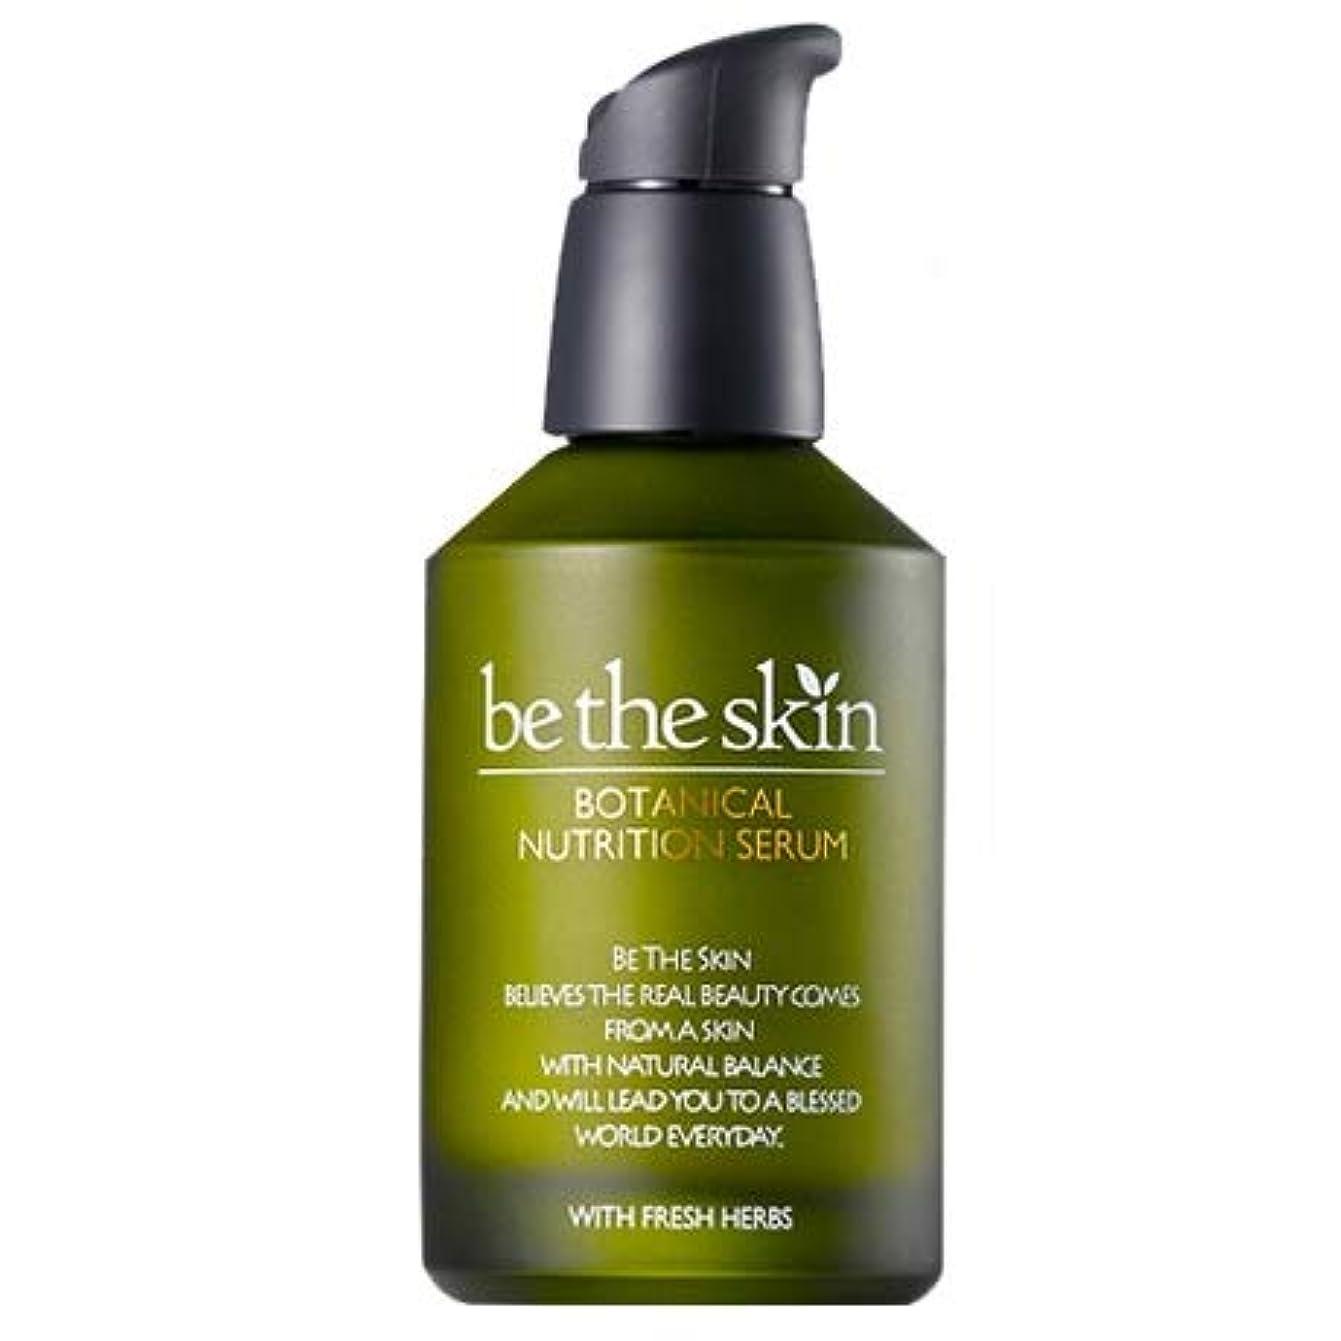 環境に優しい宿泊踏み台be the skin ボタニカル ニュートリション セラム / Botanical Nutrition Serum (50ml) [並行輸入品]